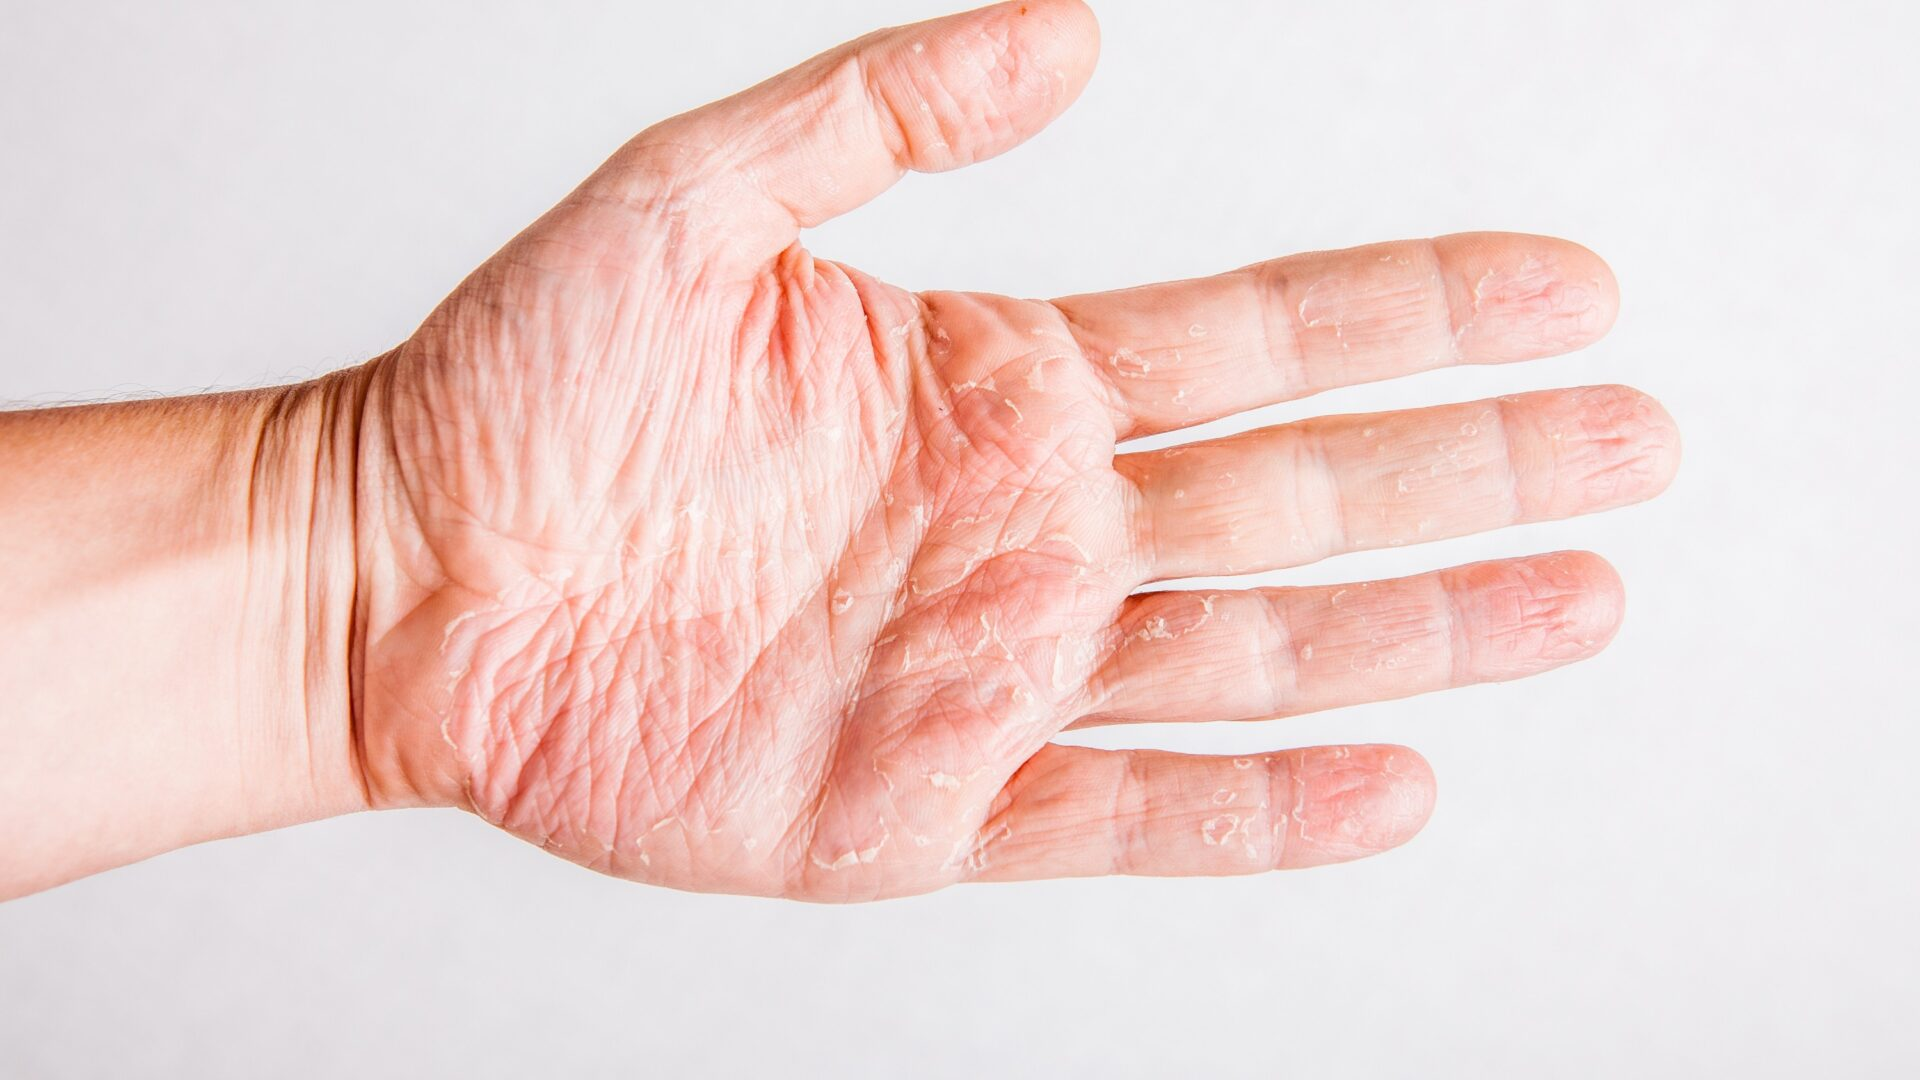 objawy suchej skóry